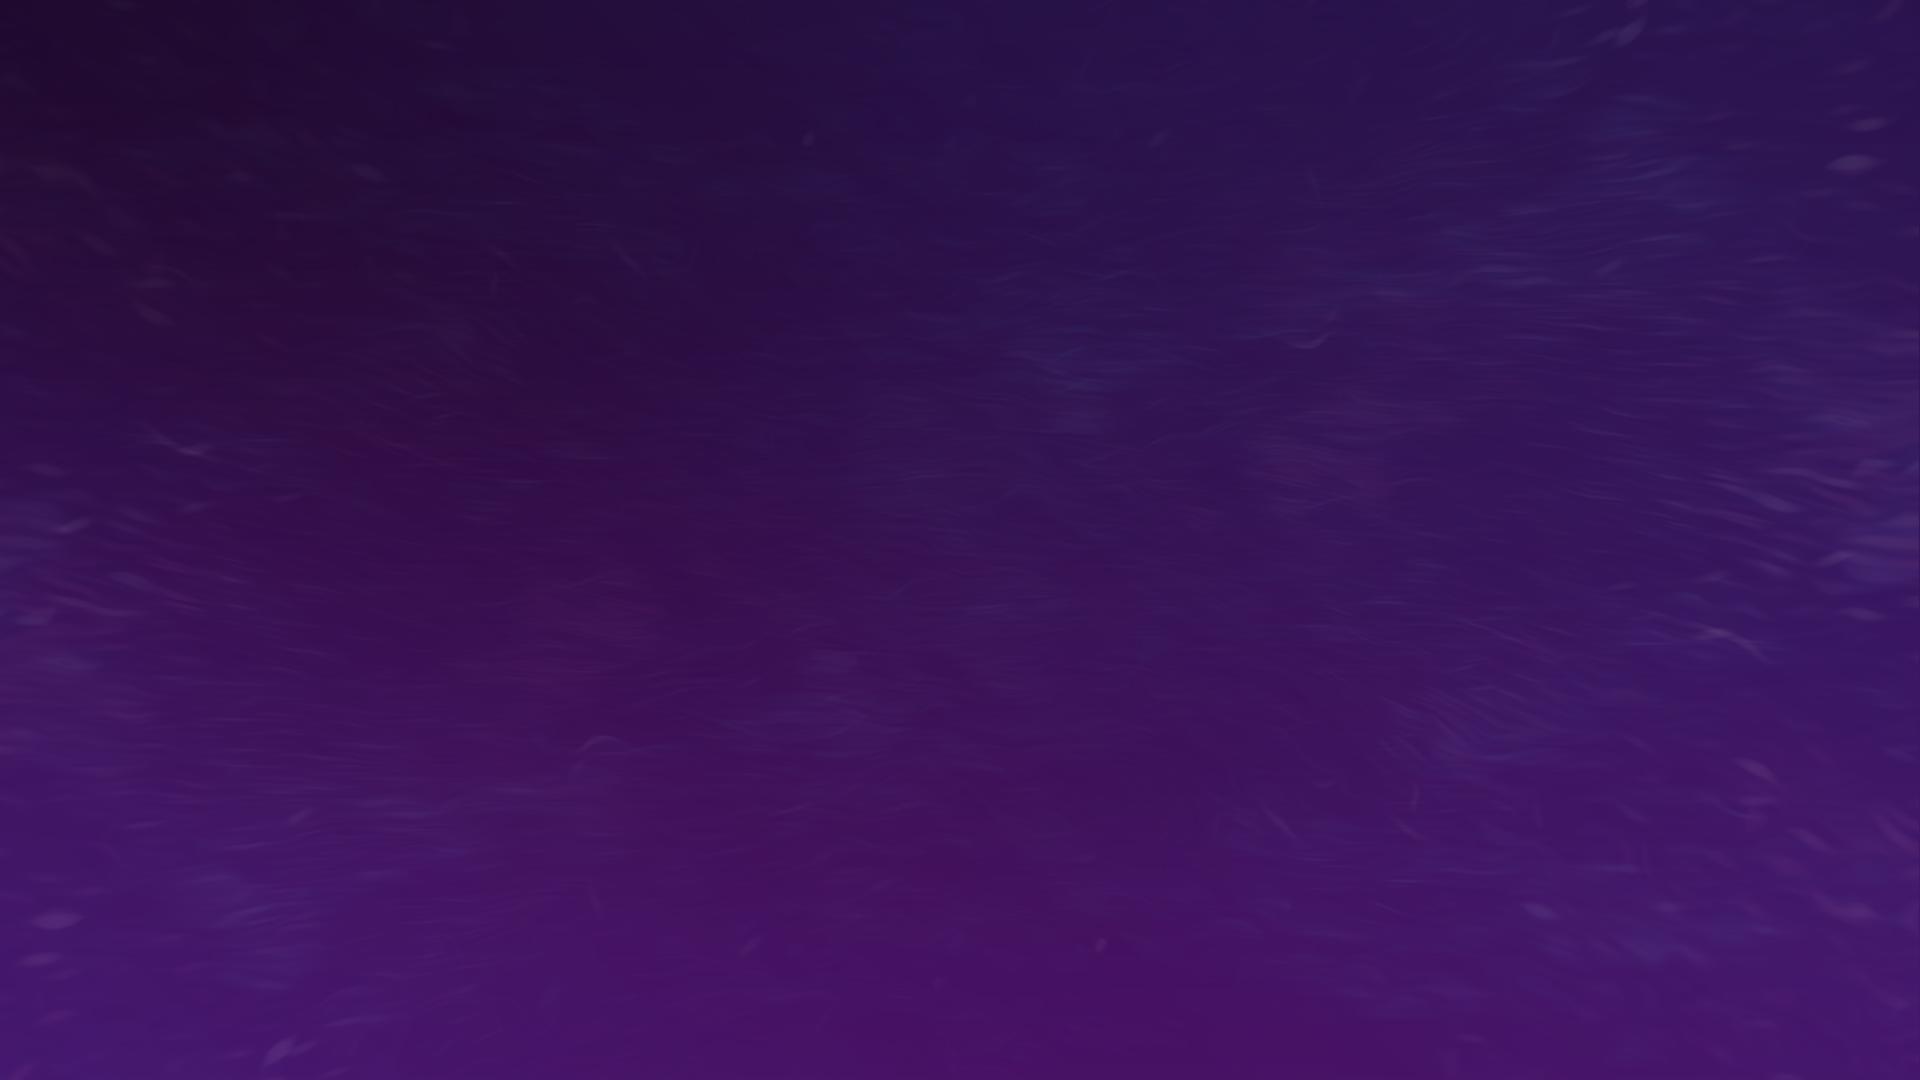 Xpand purple wallpaper